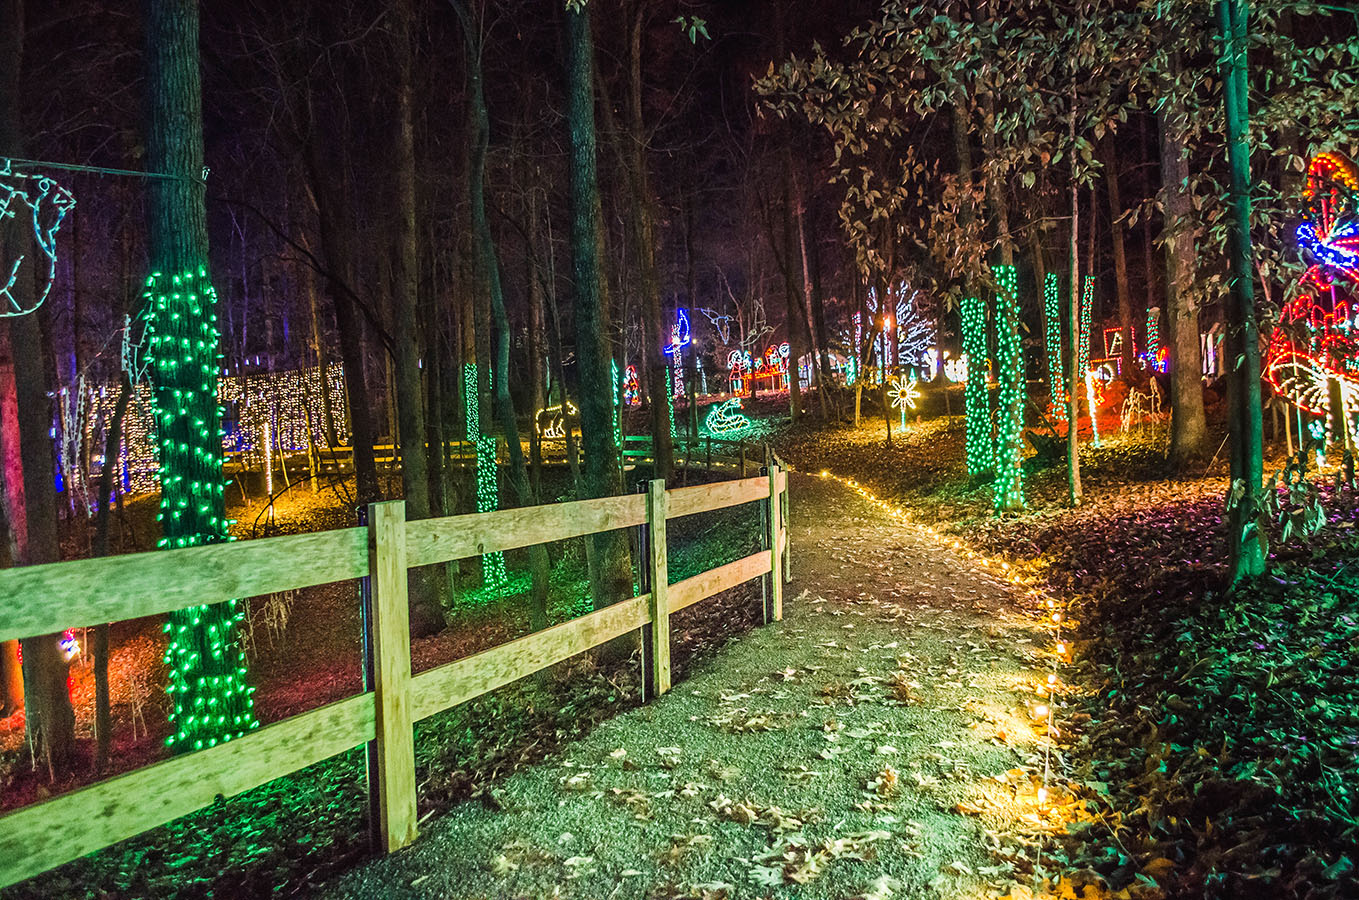 Explore Park IllumiLights 2019 0046 - 4.5 200dpi